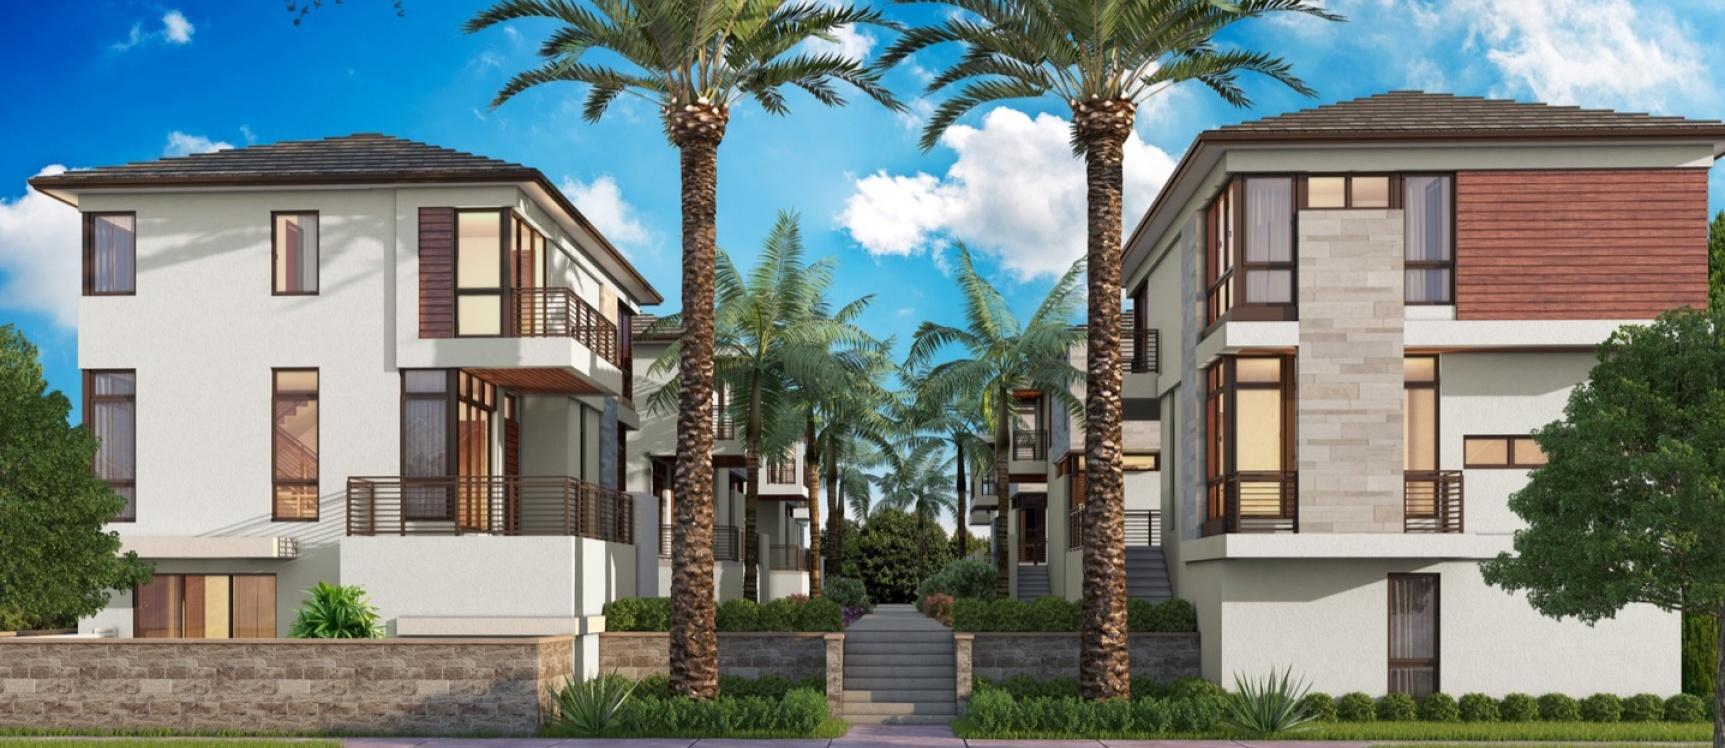 GeoBienes - Fiji Collection Canarias Downtown Doral Miami - Plusvalia Guayaquil Casas de venta y alquiler Inmobiliaria Ecuador